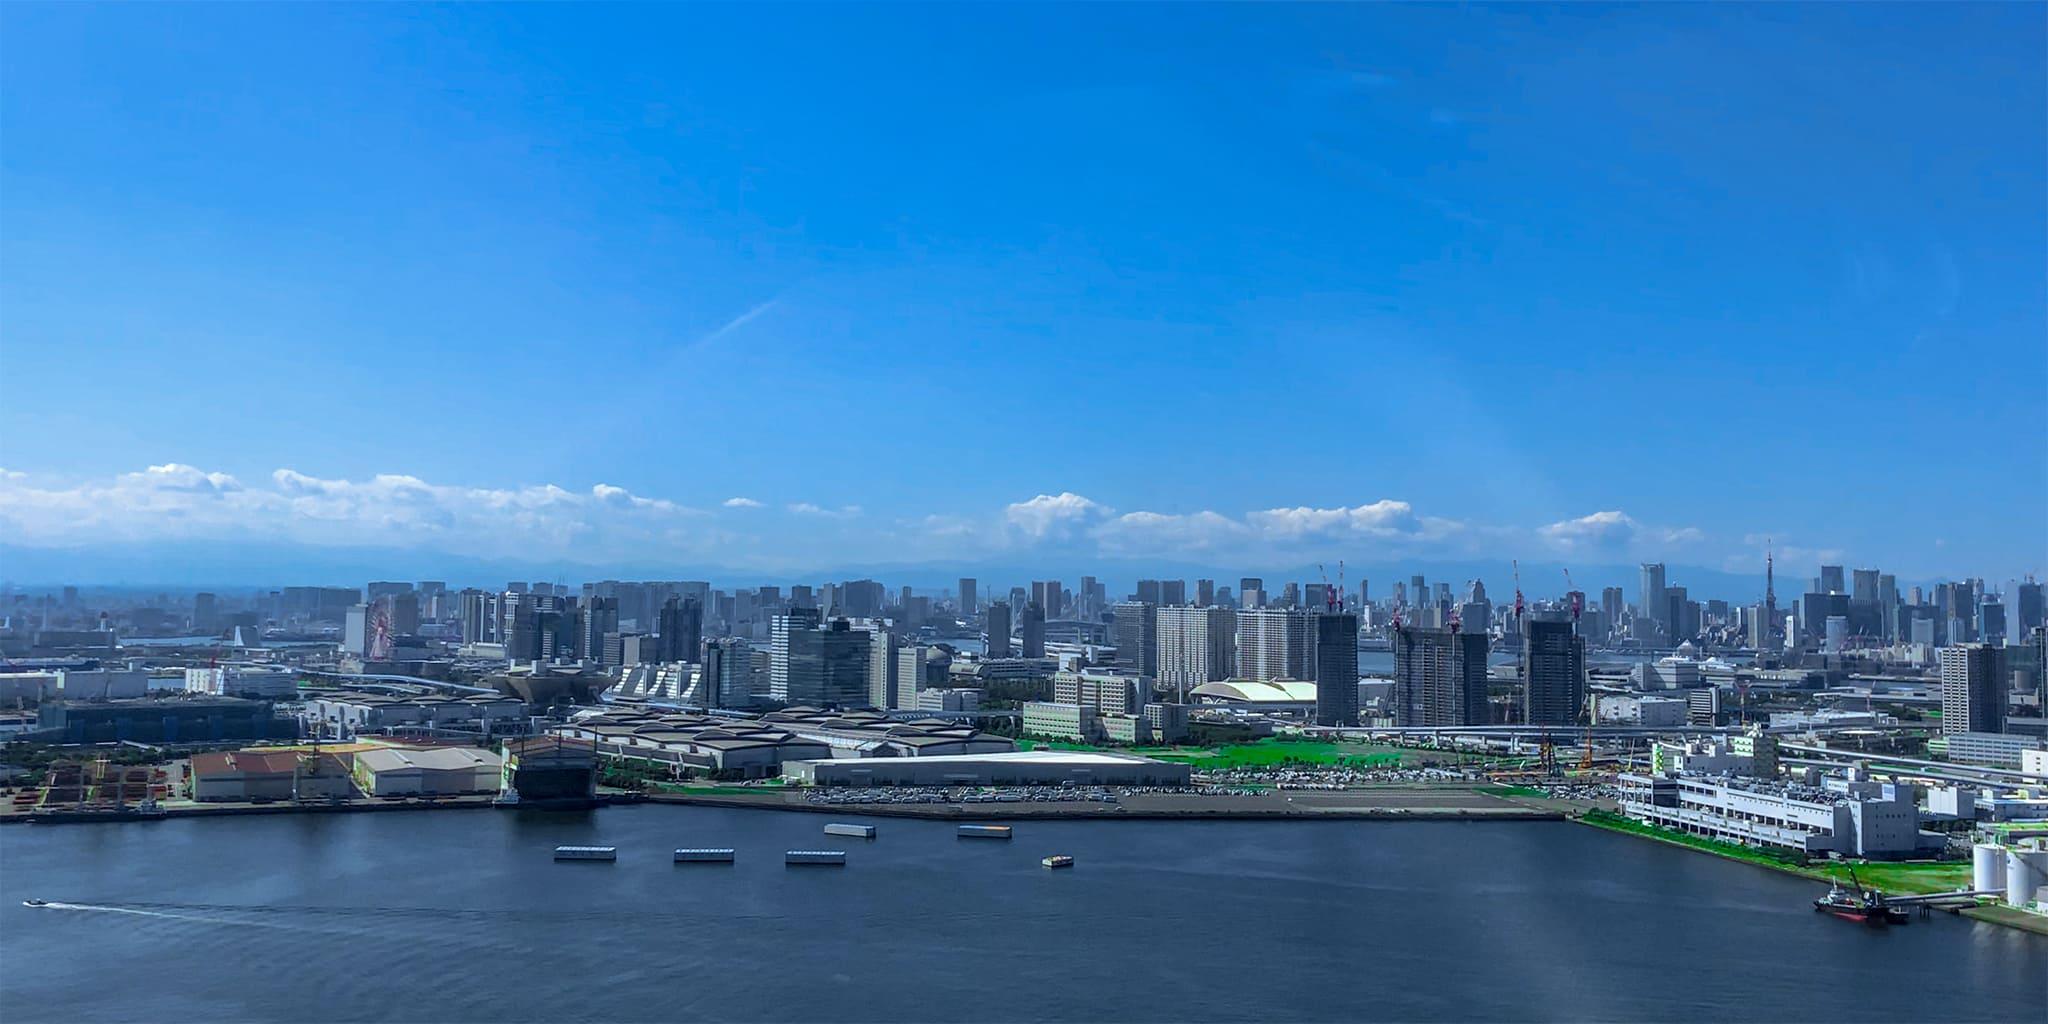 ヘリコプターで東京上空をフライトして見える有明周辺の東京湾